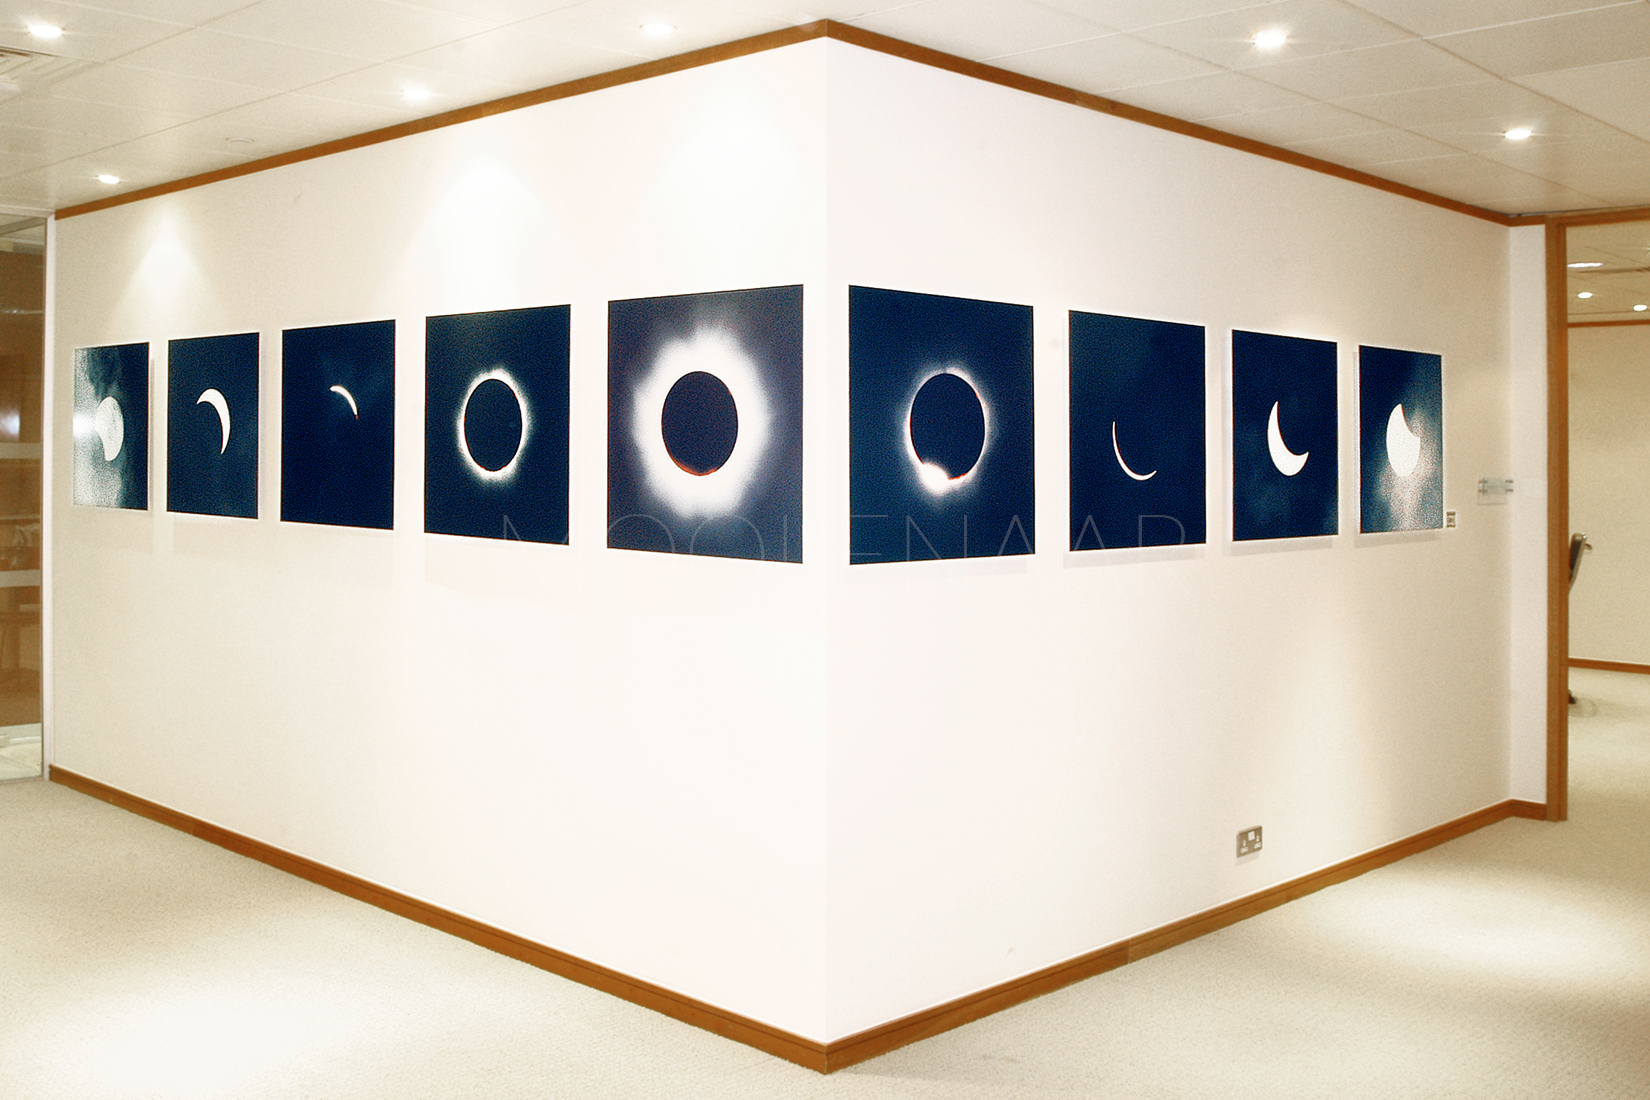 Moolenaar - Eclipse.jpg